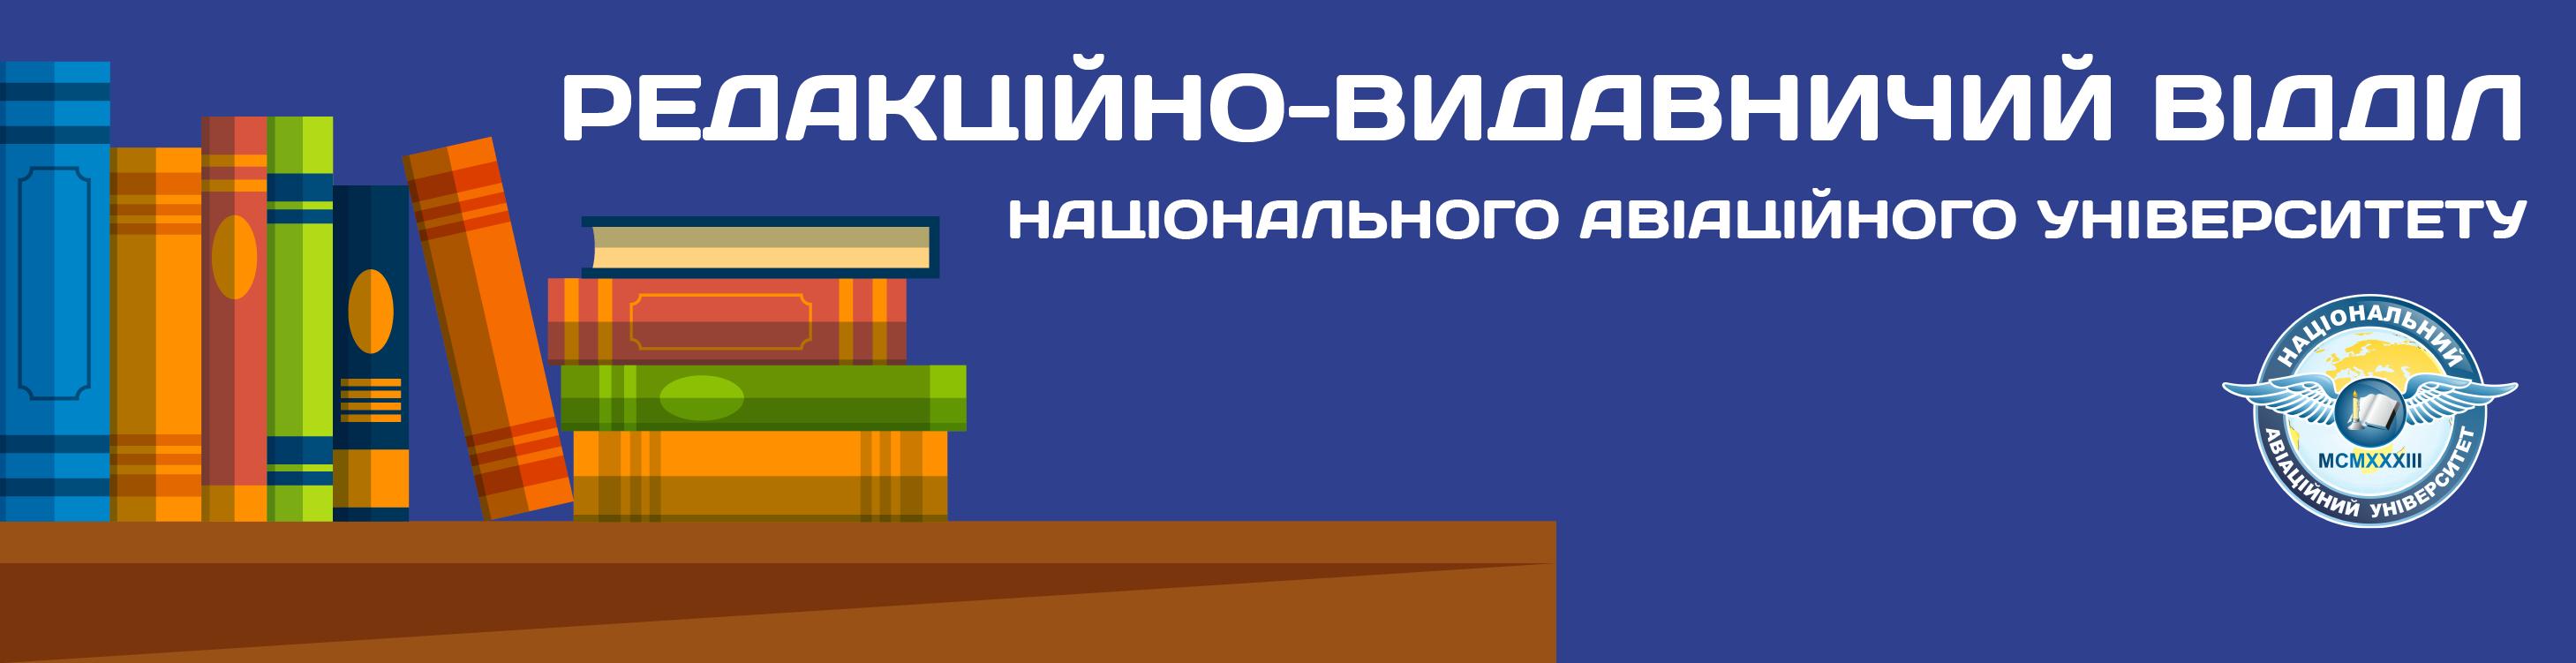 Редакційно-видавничий відділ НАУ